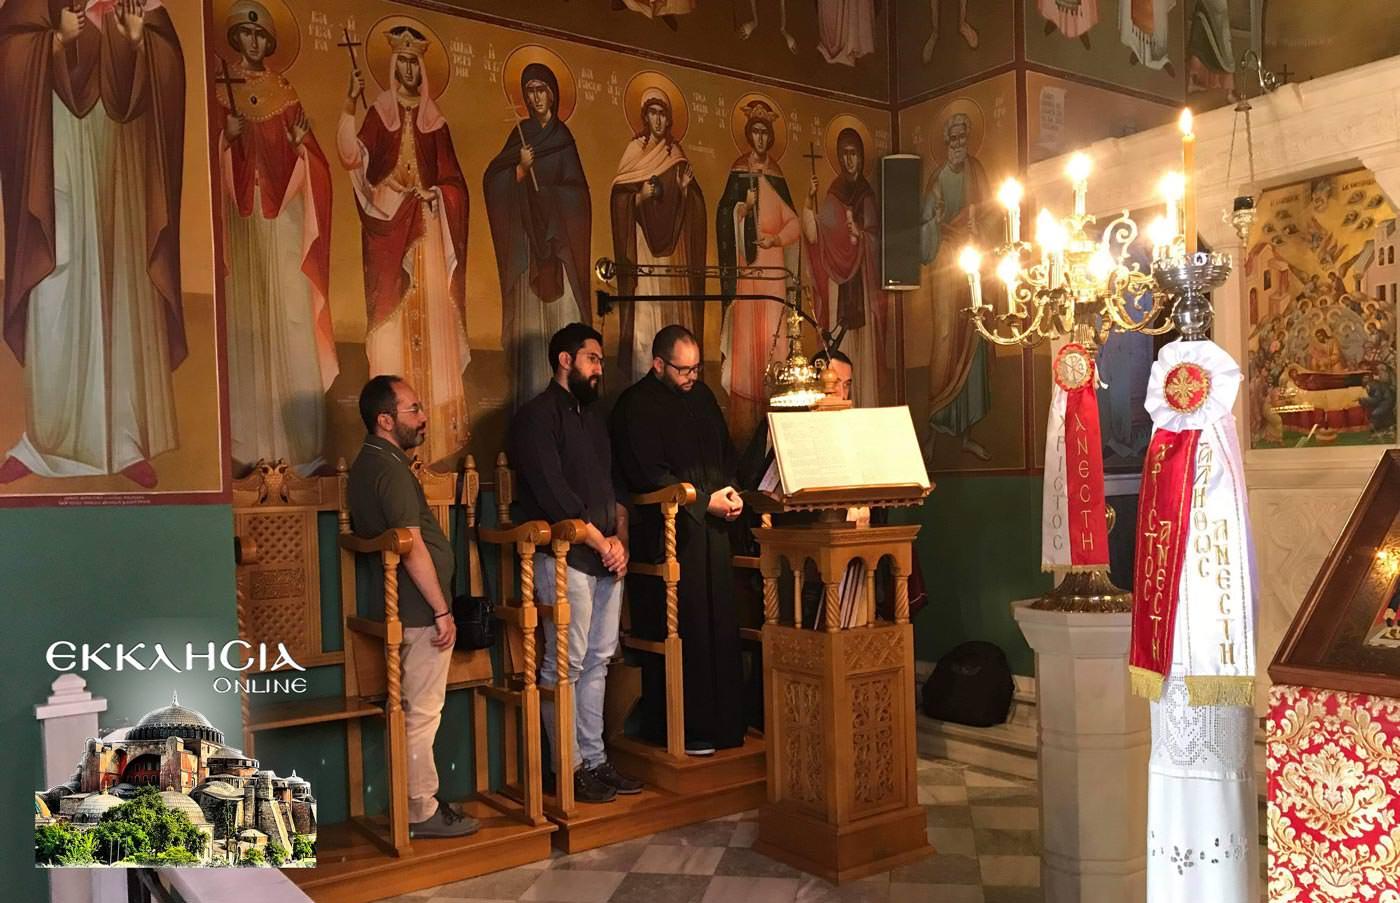 ιερός ναός Κοιμήσεως της Θεοτόκου Παλλήνη 2019 εικόνα της Παναγίας της Διασωζούσης